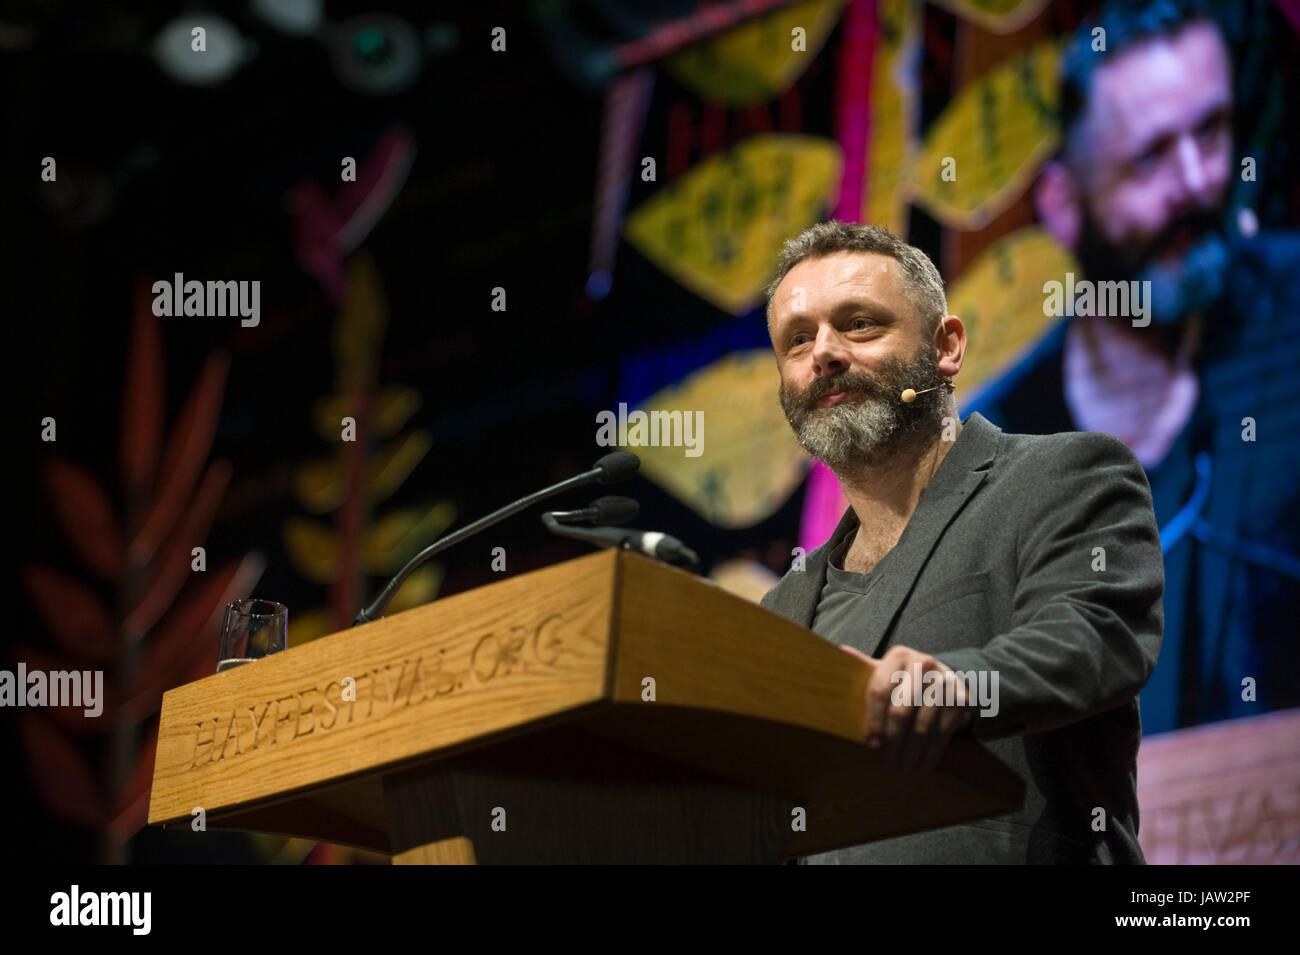 Michael Sheen attore dando il Aneurin Bevan lecture sul palco a hay festival della letteratura e delle arti 2017 Immagini Stock